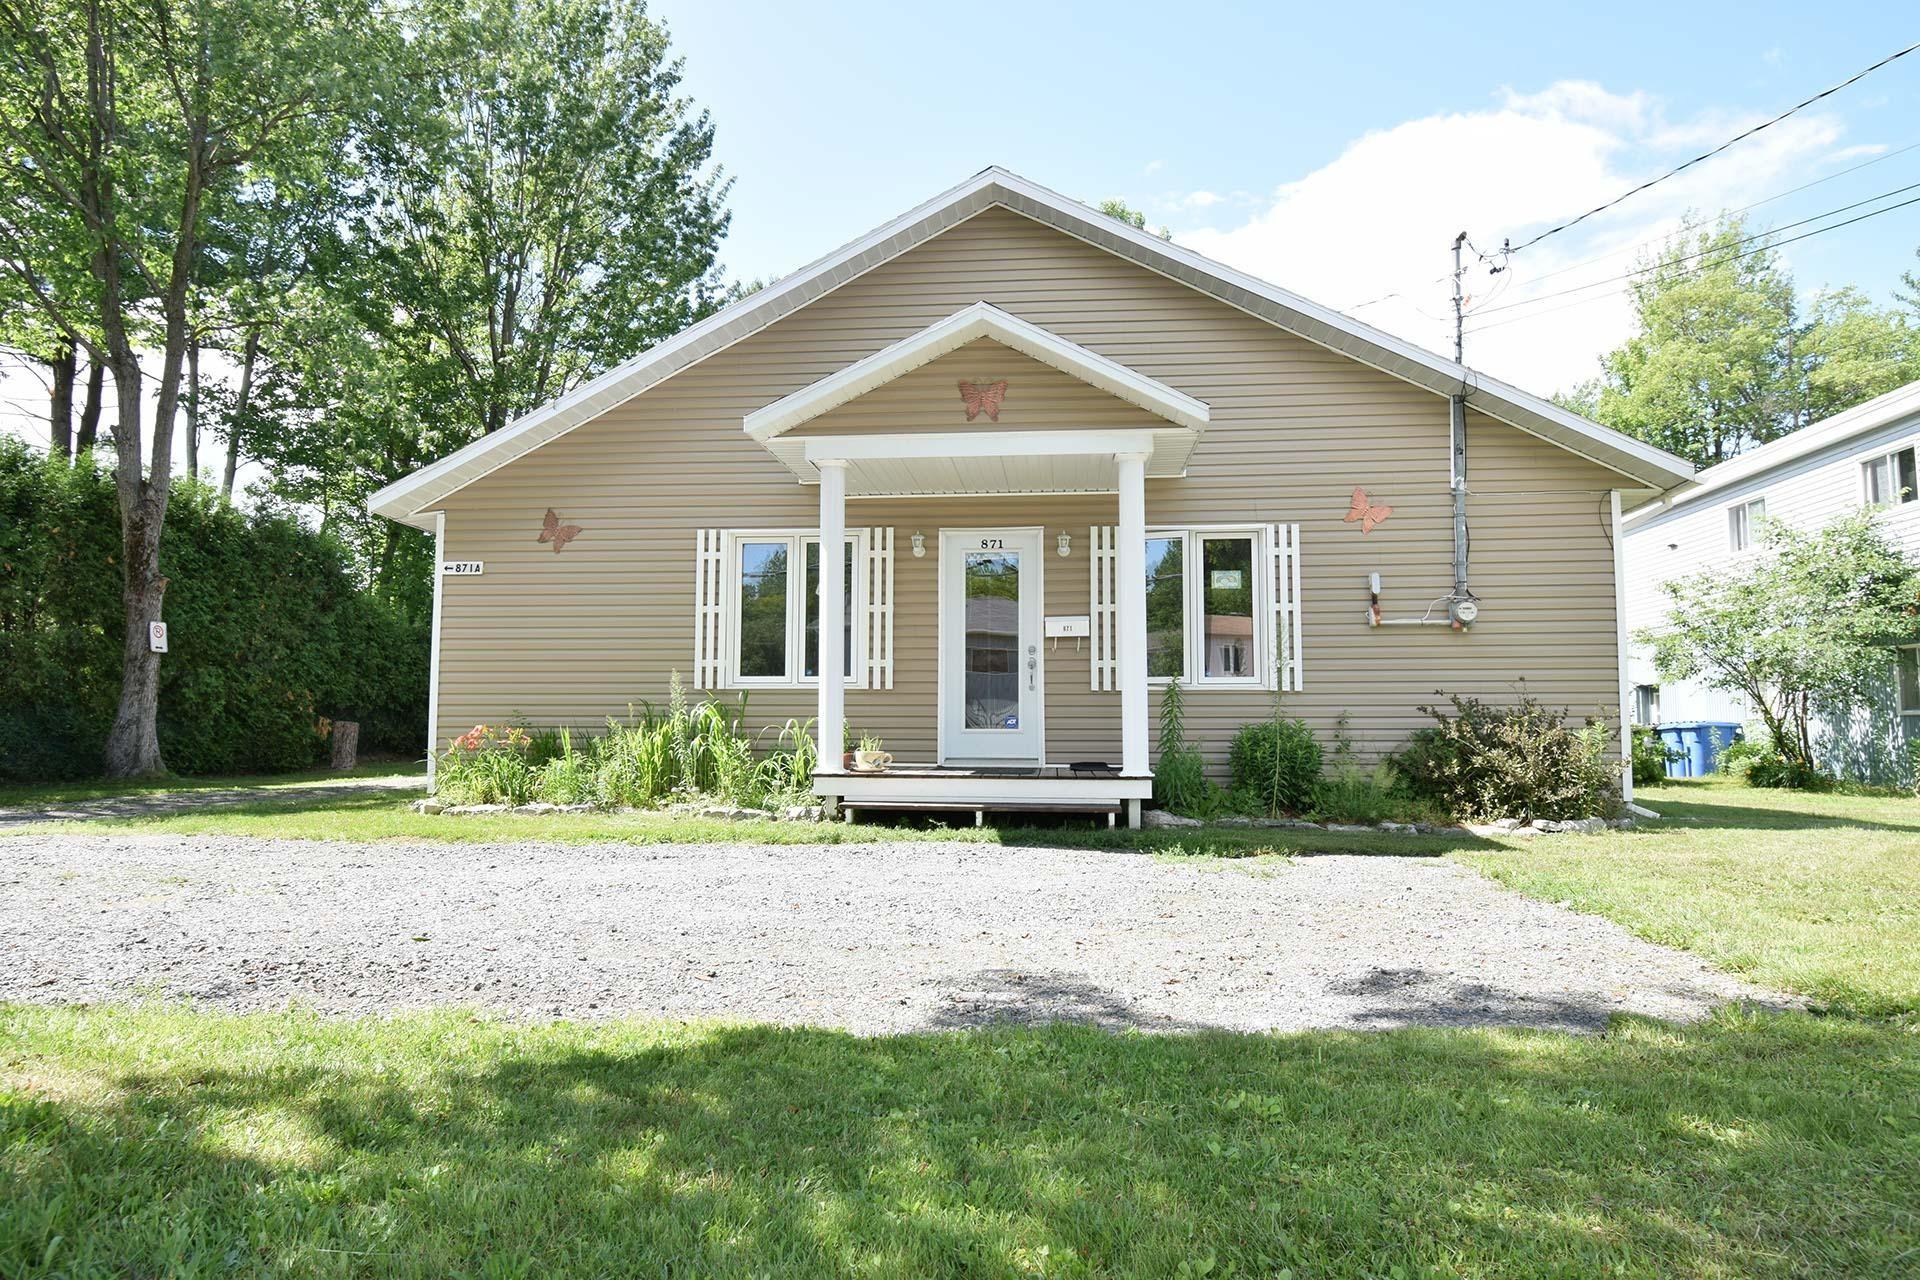 image 3 - Immeuble à revenus À vendre Trois-Rivières - 5 pièces